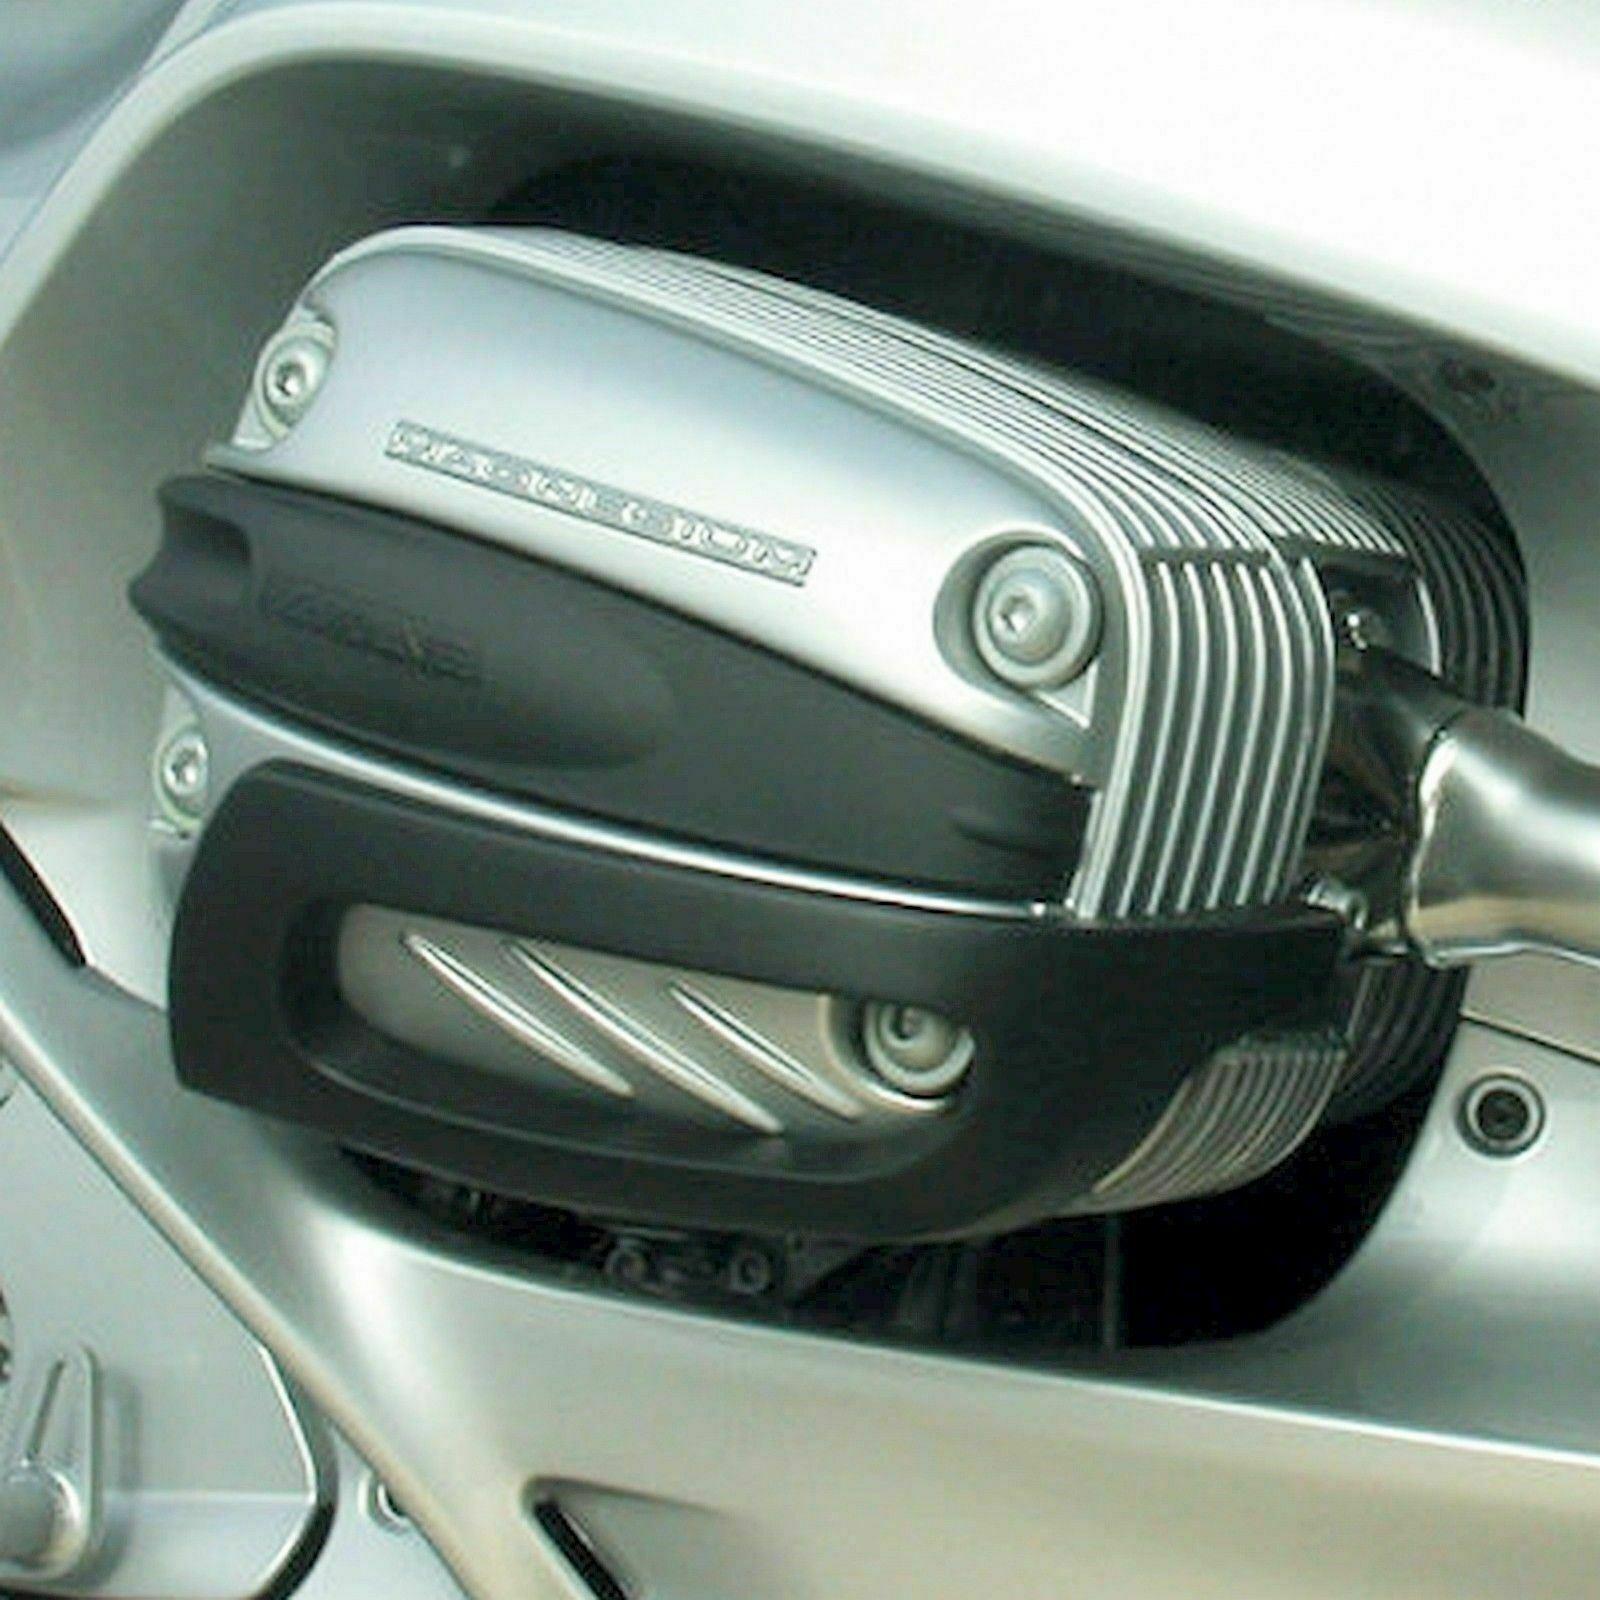 BMW Ventildeckel Zylinderschutz 1 Paar R1150GS R1150RT R1150RS R1150R 2001-03